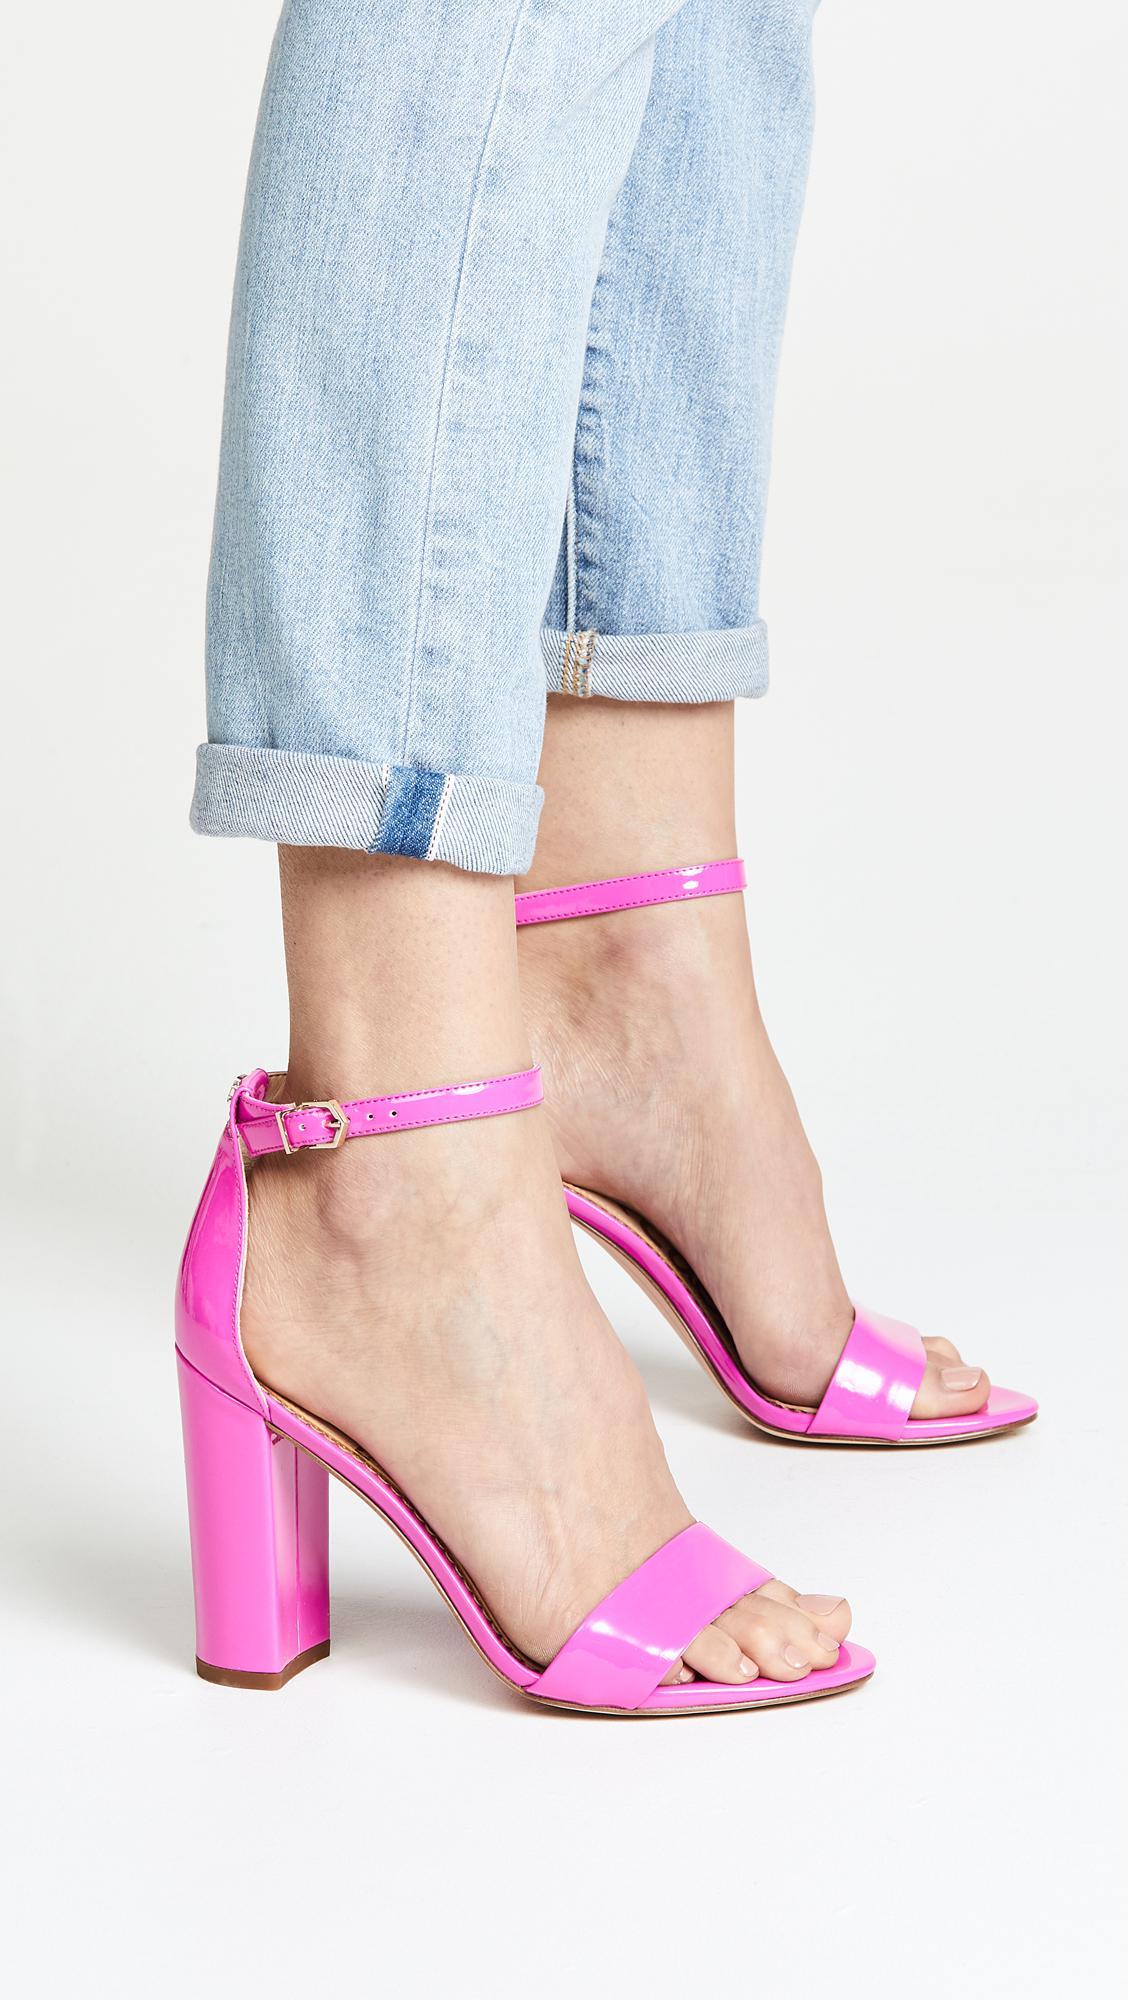 ddec7a559526 Lyst - Sam Edelman Yaro Sandals in Pink